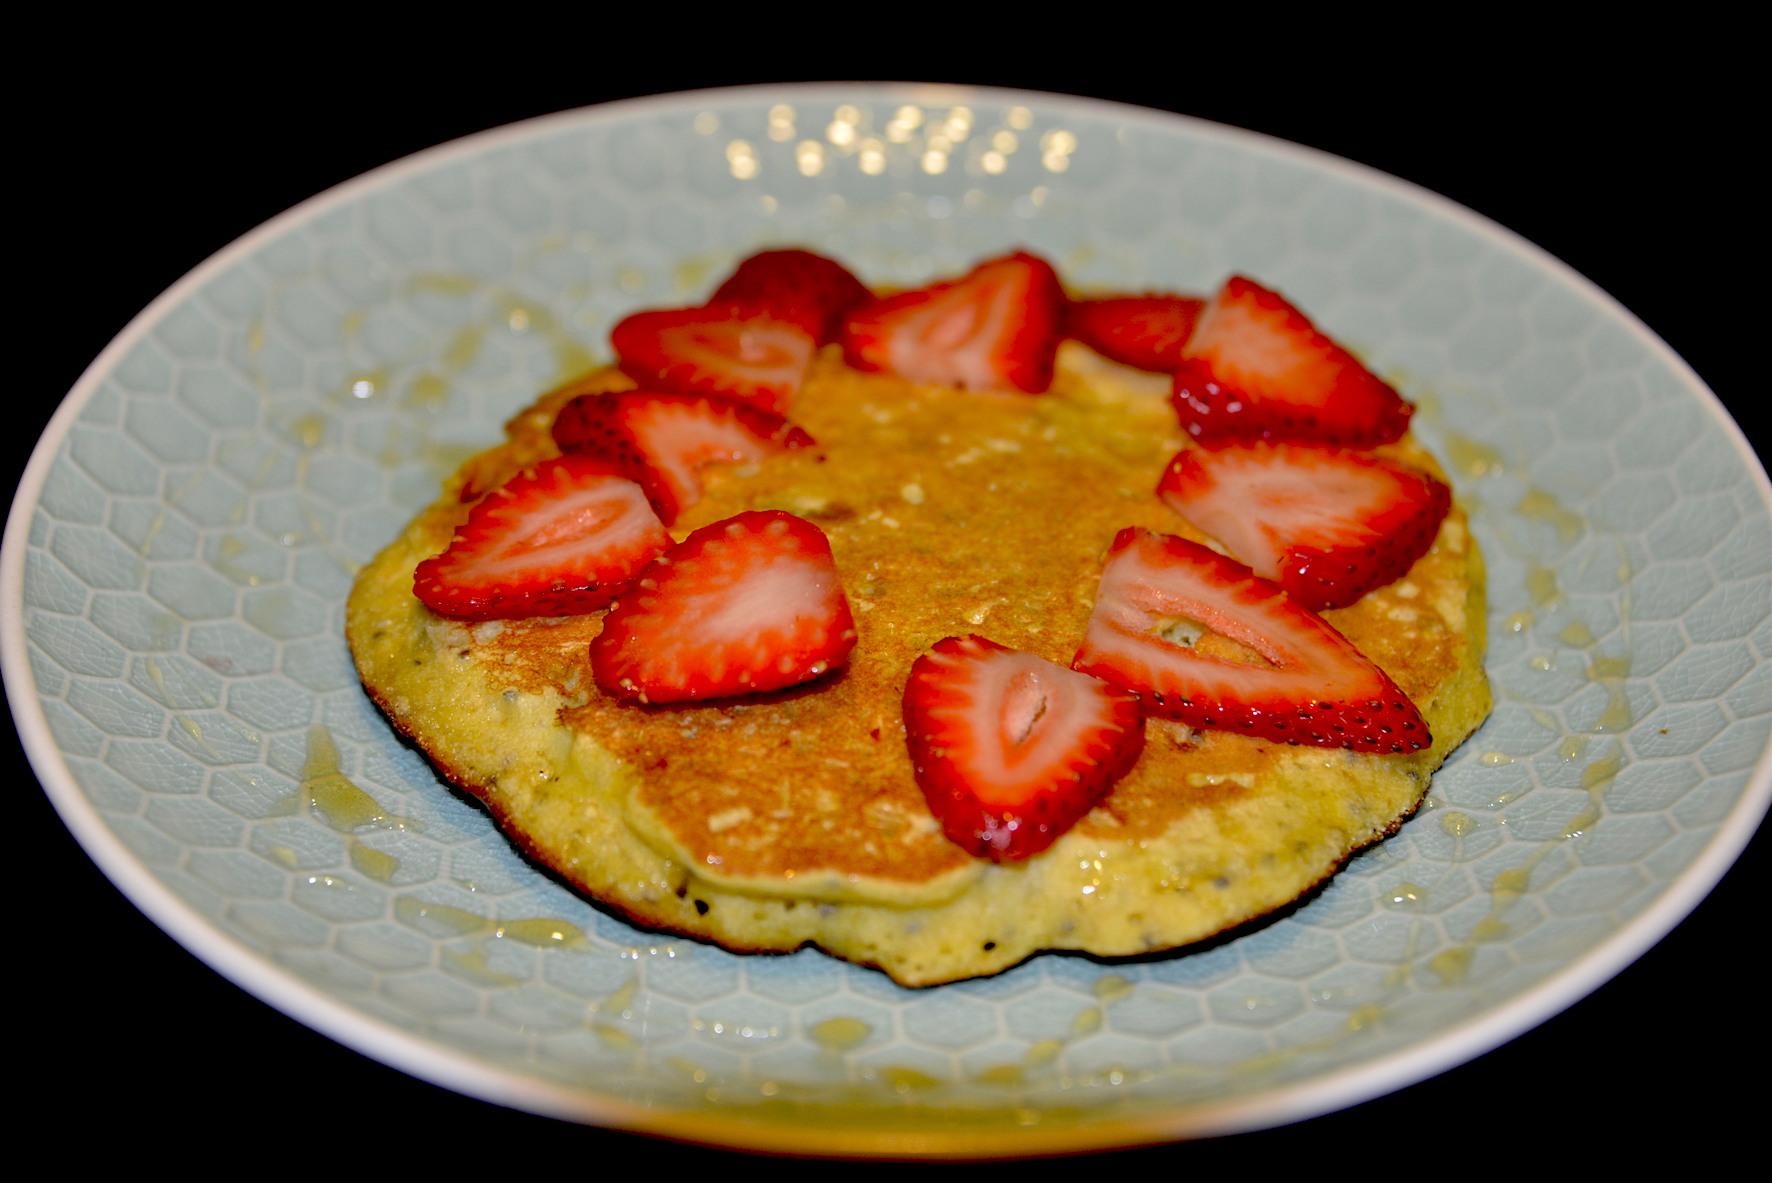 pancake de banano, harina de arroz, avena y semillas de chía